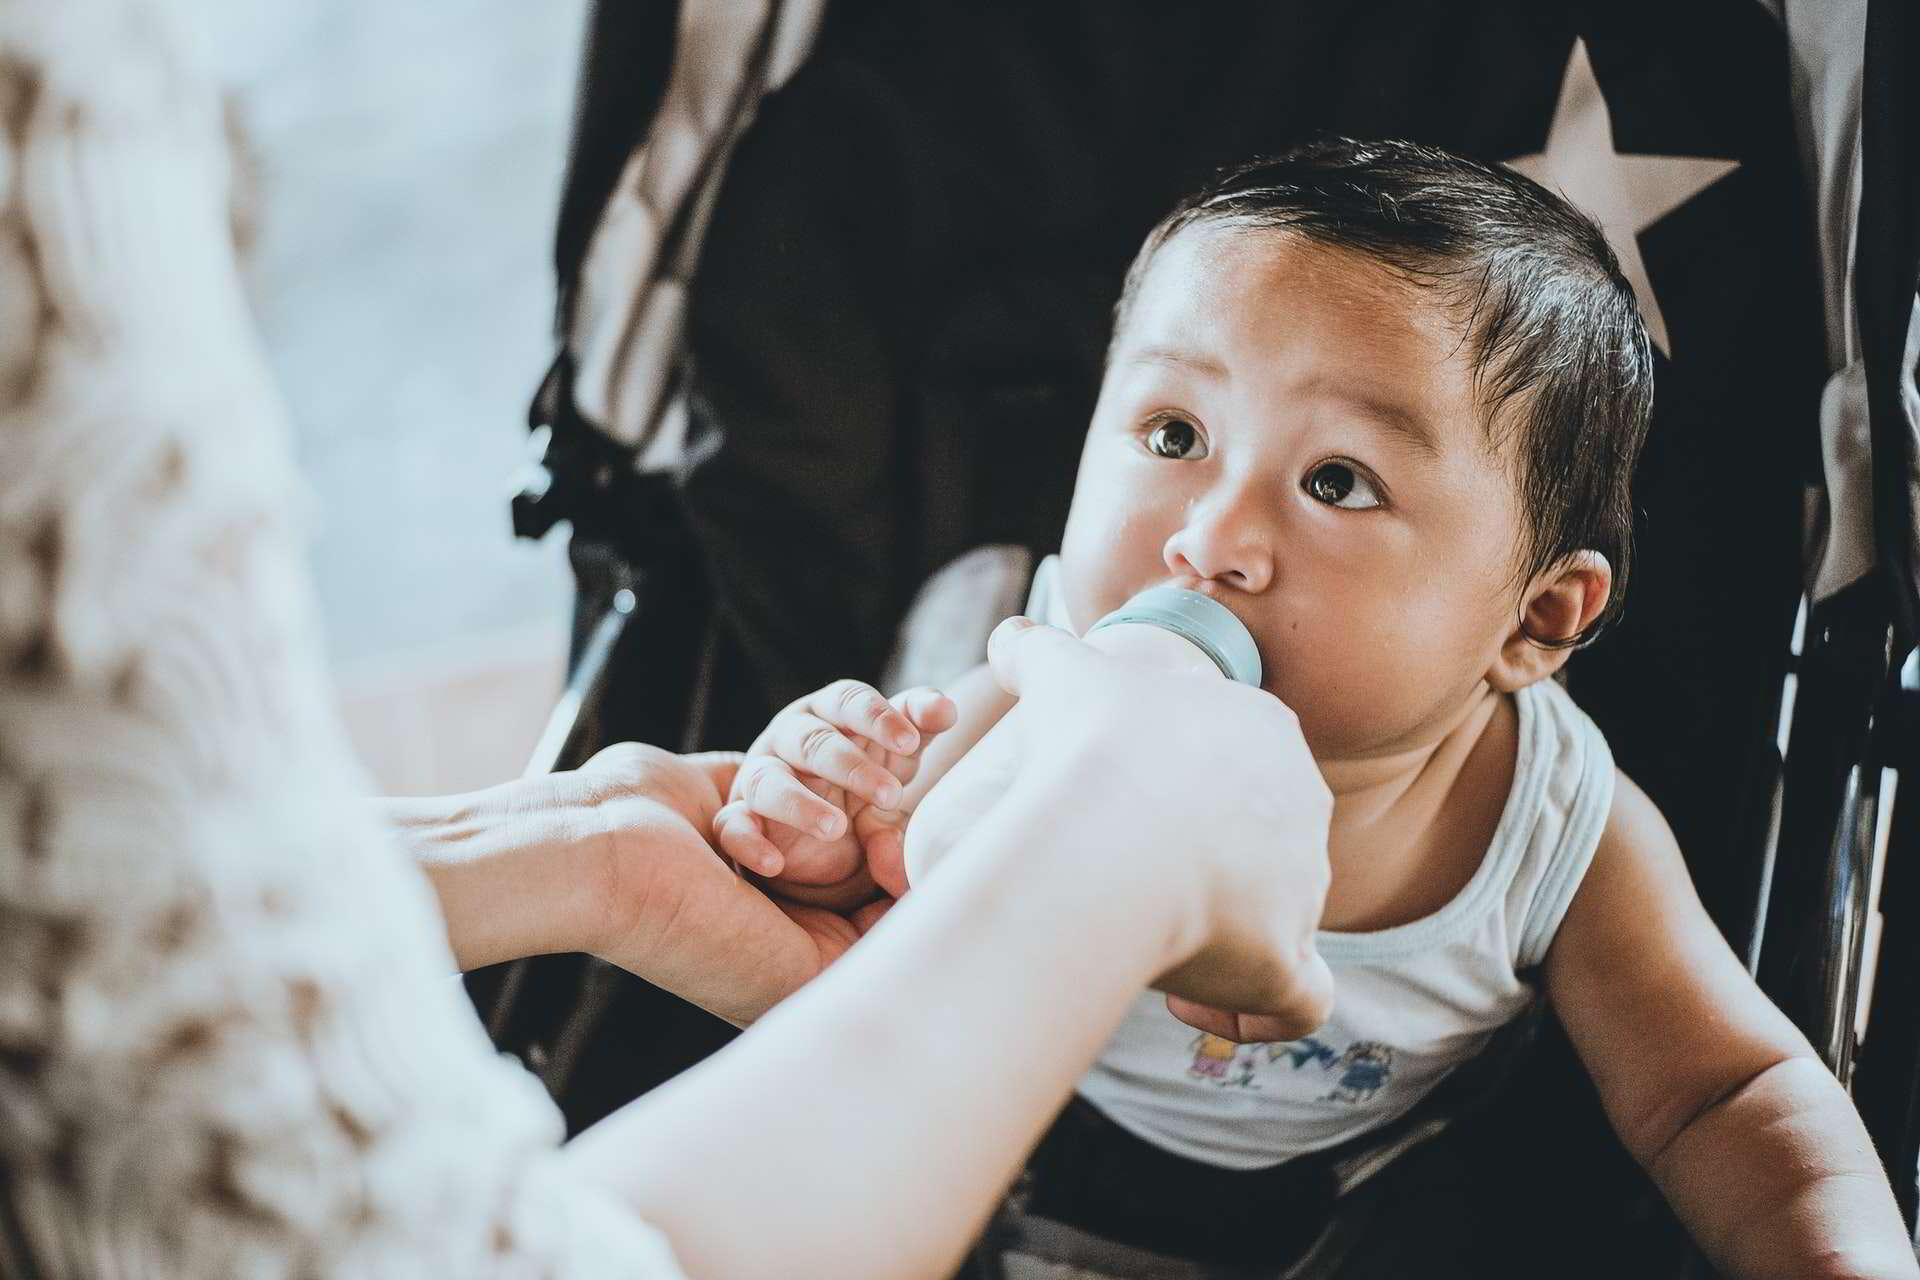 Estudo descobriu uma quantidade surpreendente de microplásticos nas fezes dos bebês